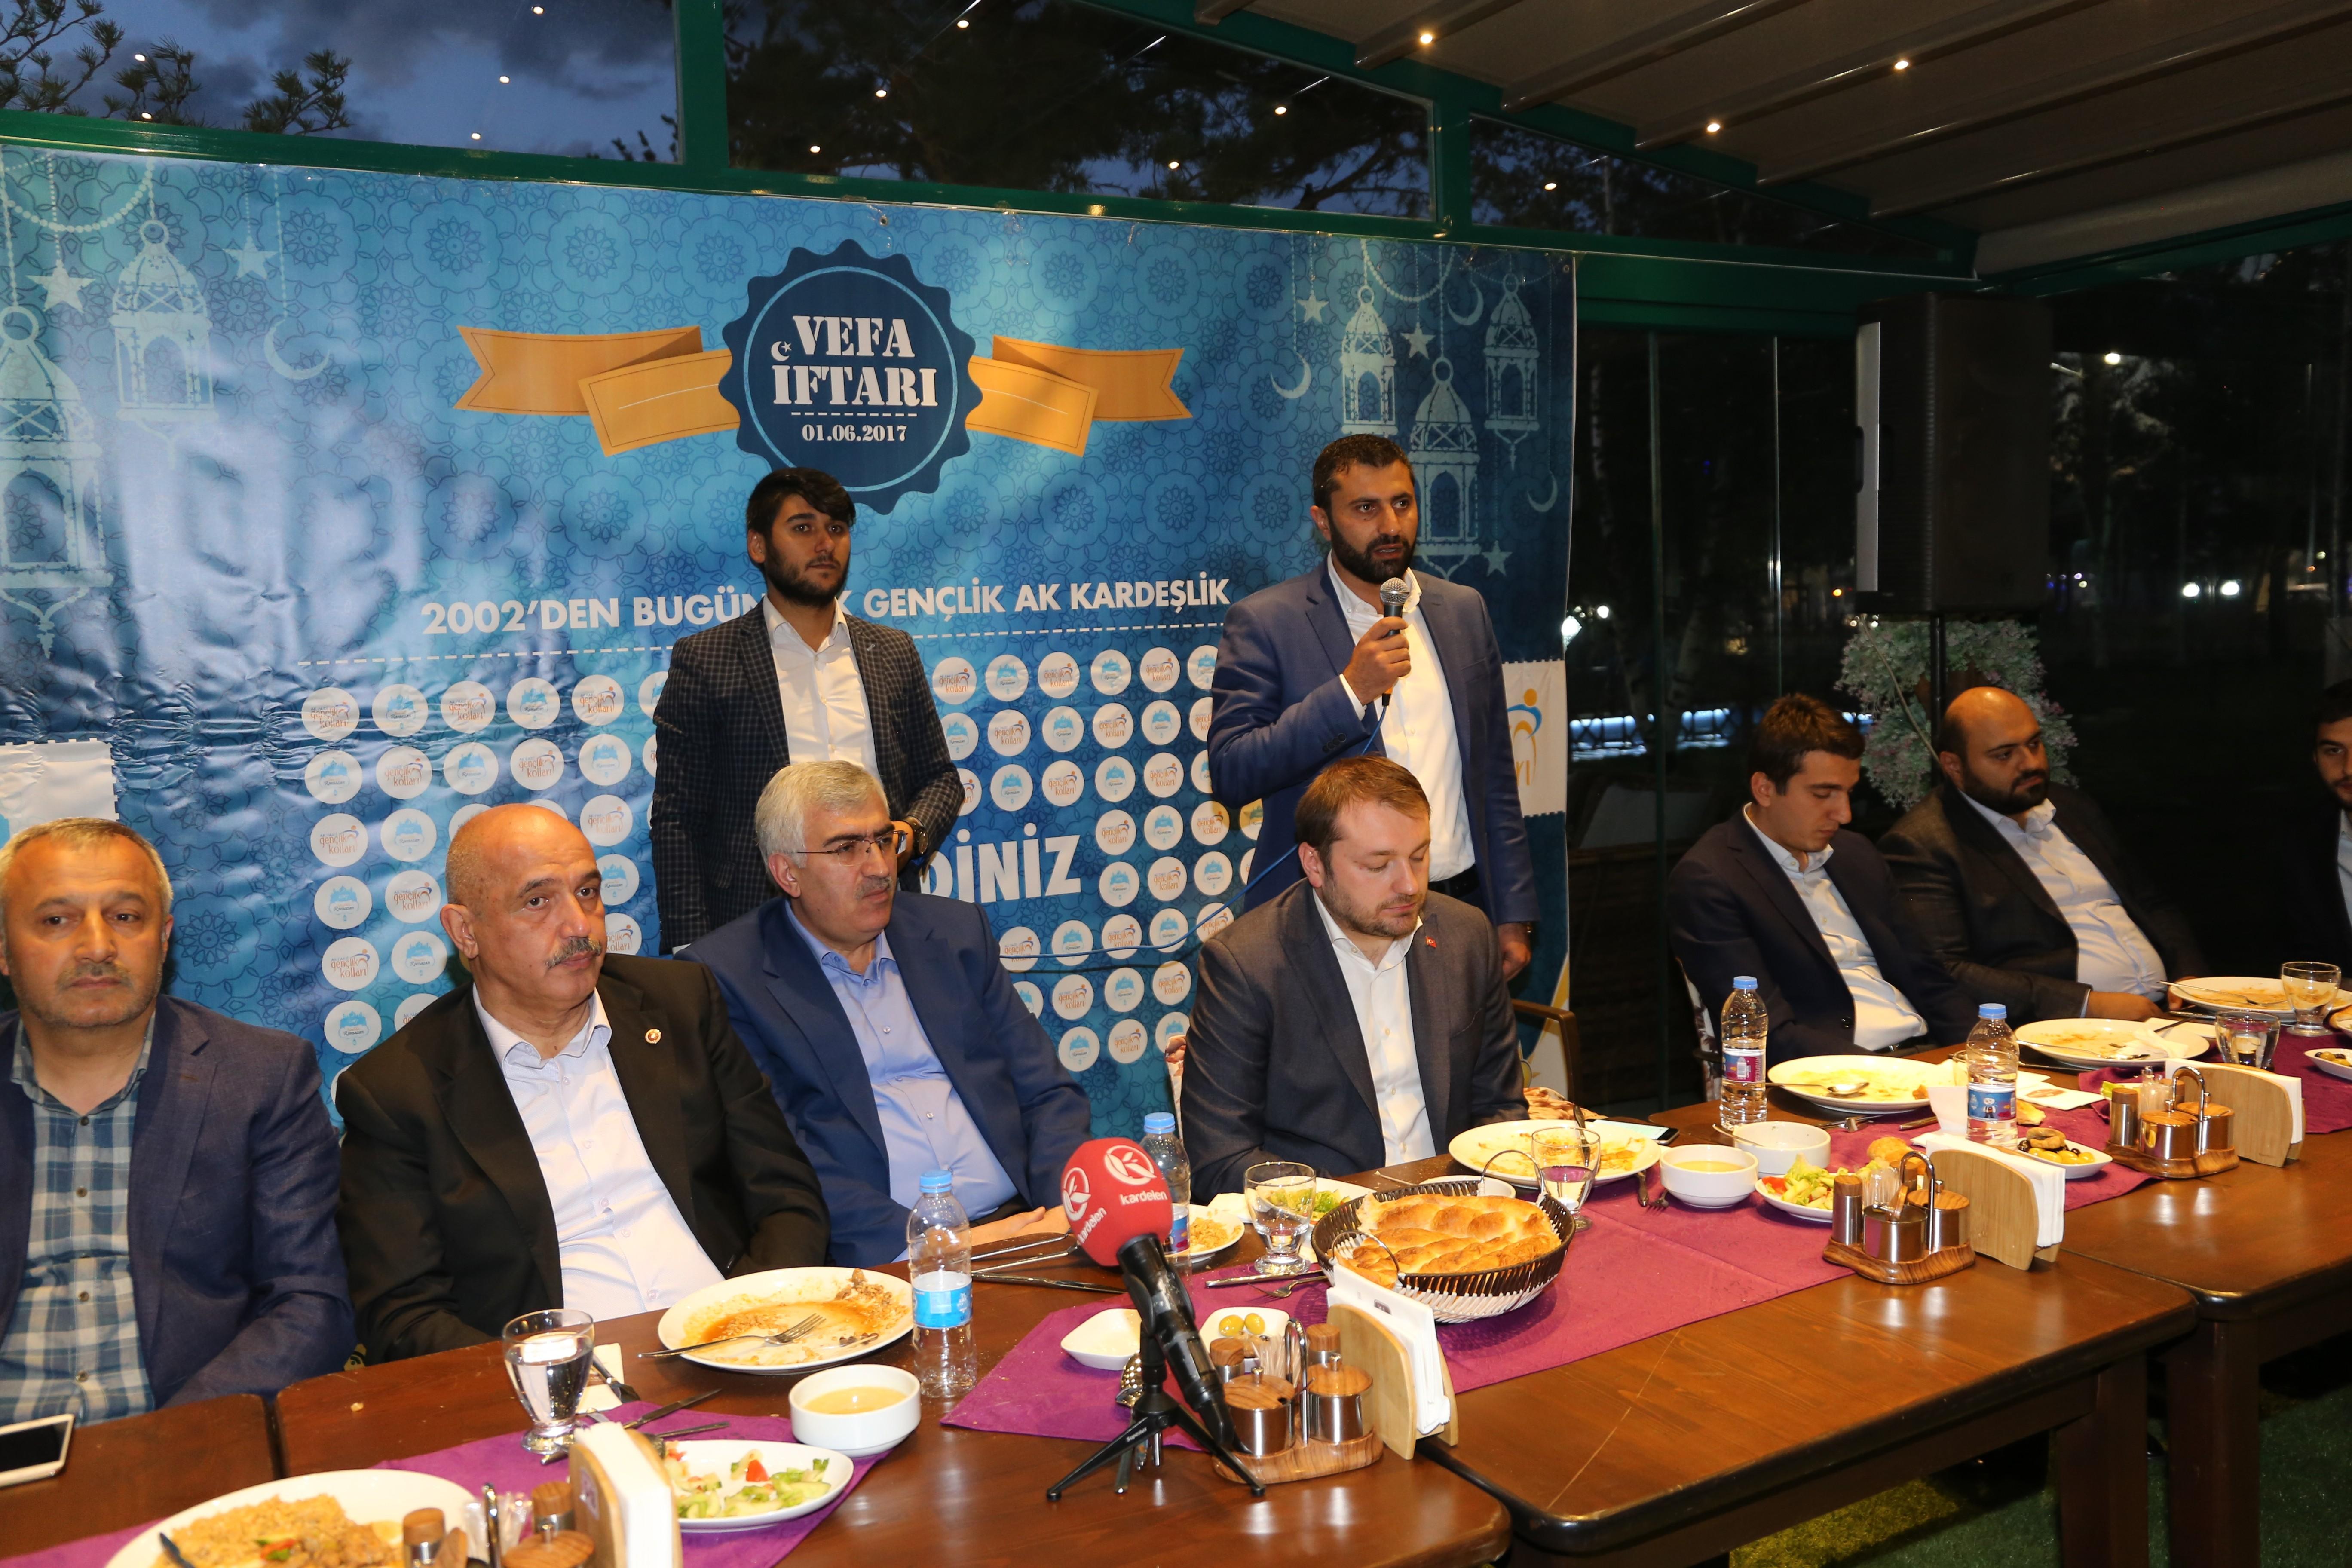 Erzurum AK Parti Gençlik Kollarından, ahde vefa iftarı